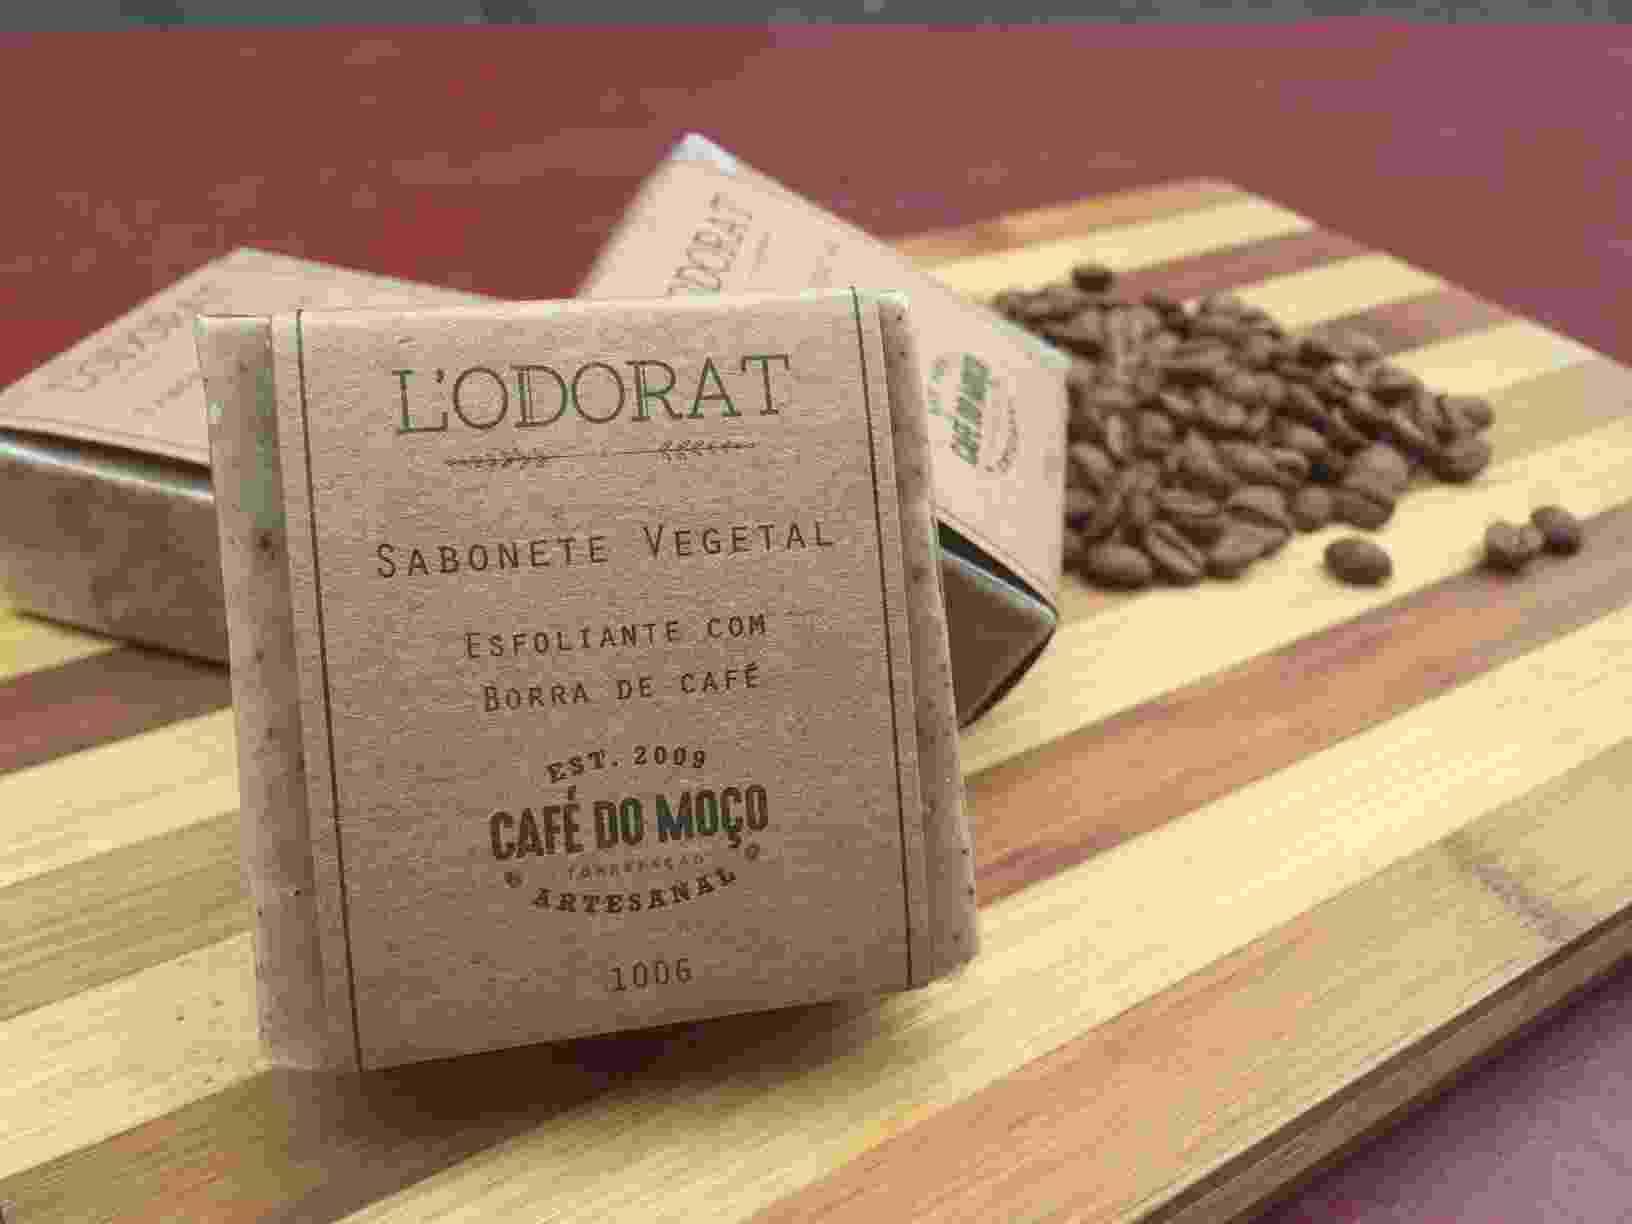 O sabonete artesanal Café do Moço foi criado pelo Grupo Café do Moço, que utiliza borra do café em sua composição - Divulgação